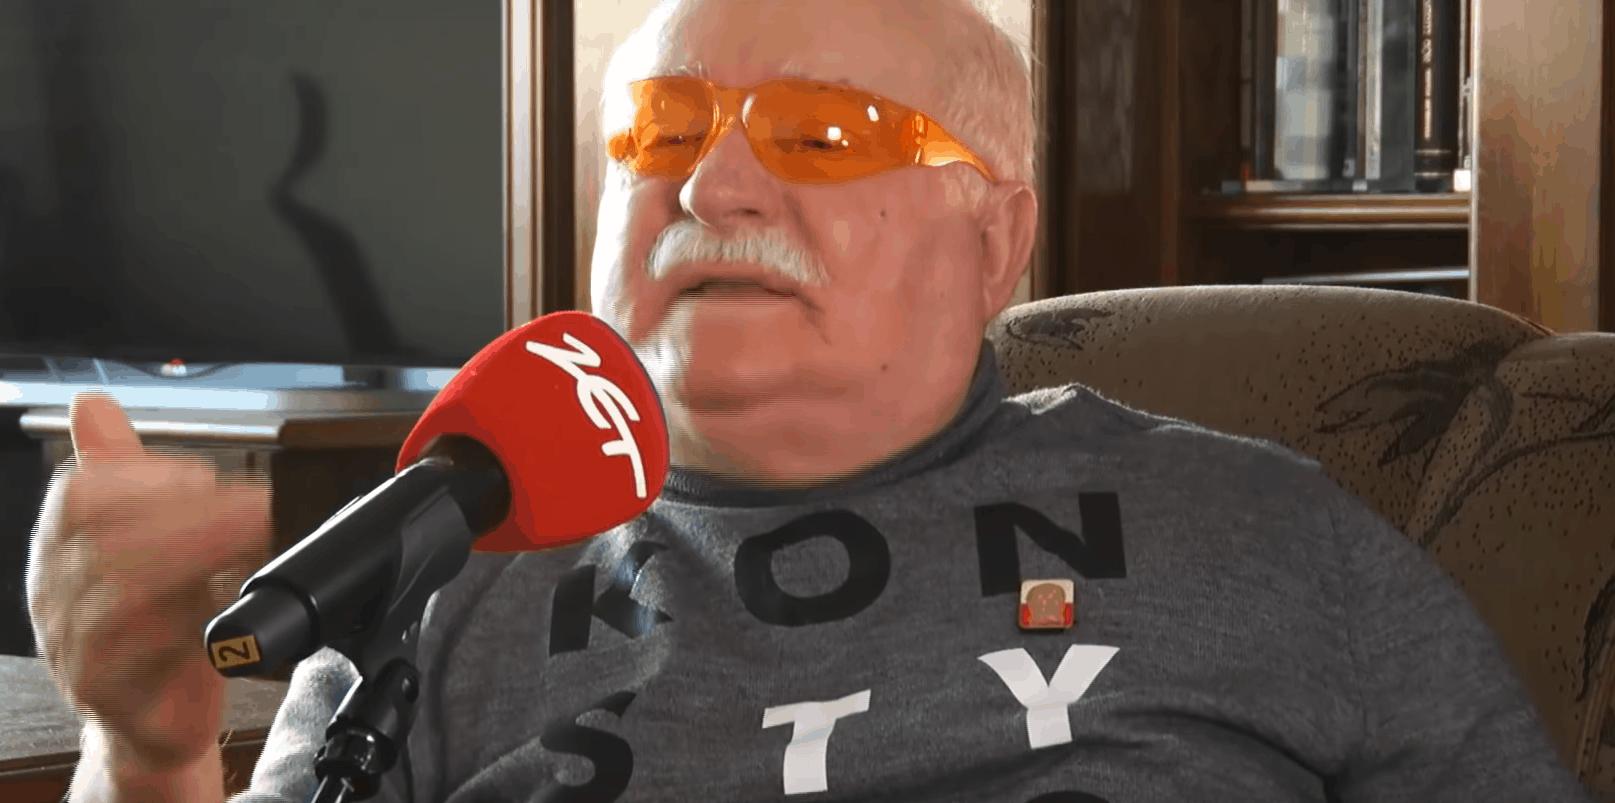 Lech Wałęsa aktualnie przebywa w Pradze. Były prezydent i lider Solidarności postanowił przerwać milczenie i odnieść się do wyniku ostatnich wyborów.